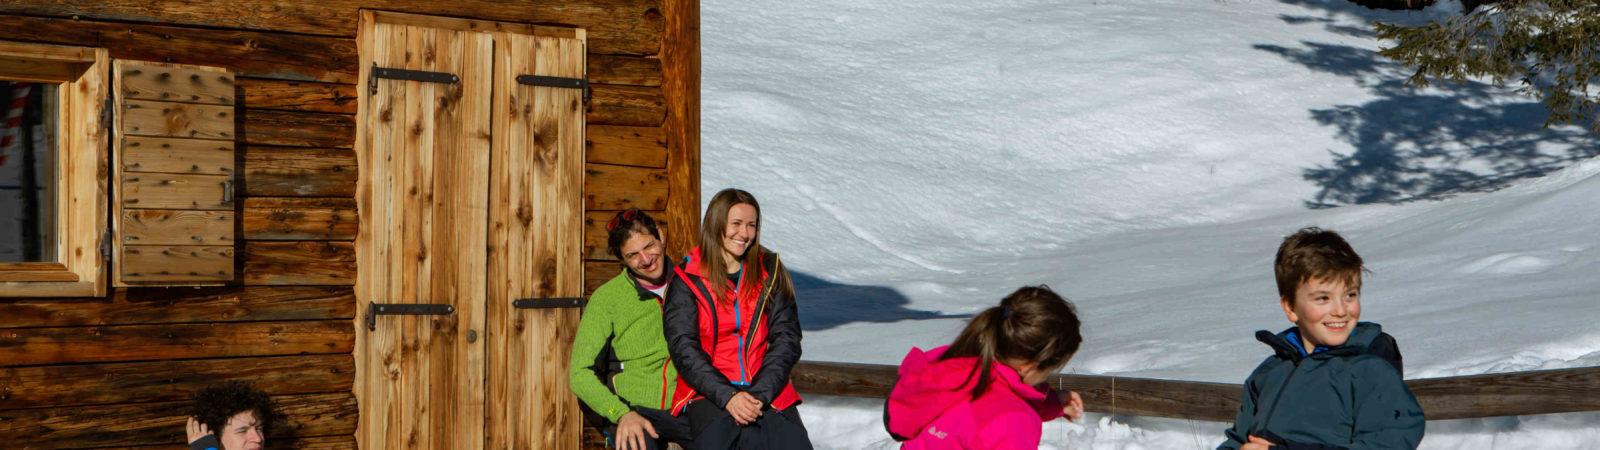 Bambini sulla neve: abbigliamento e attrezzatura da sci